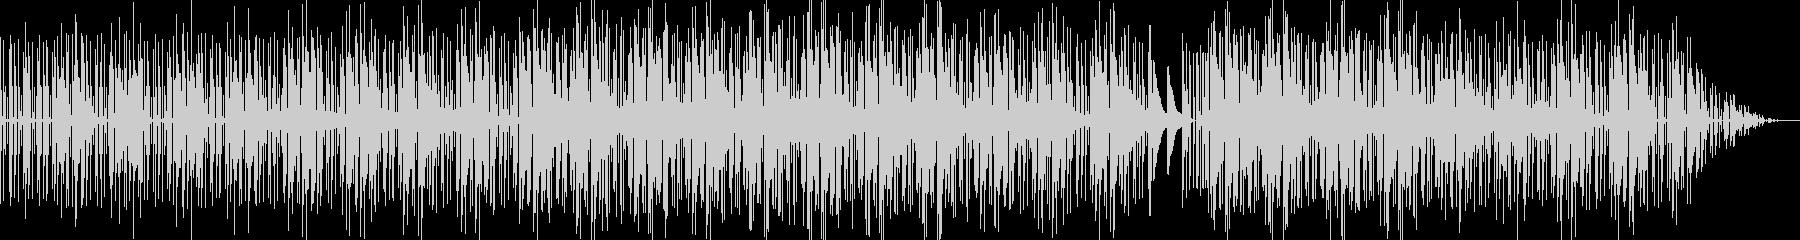 ダーク系ヒップホップ調EDMの未再生の波形